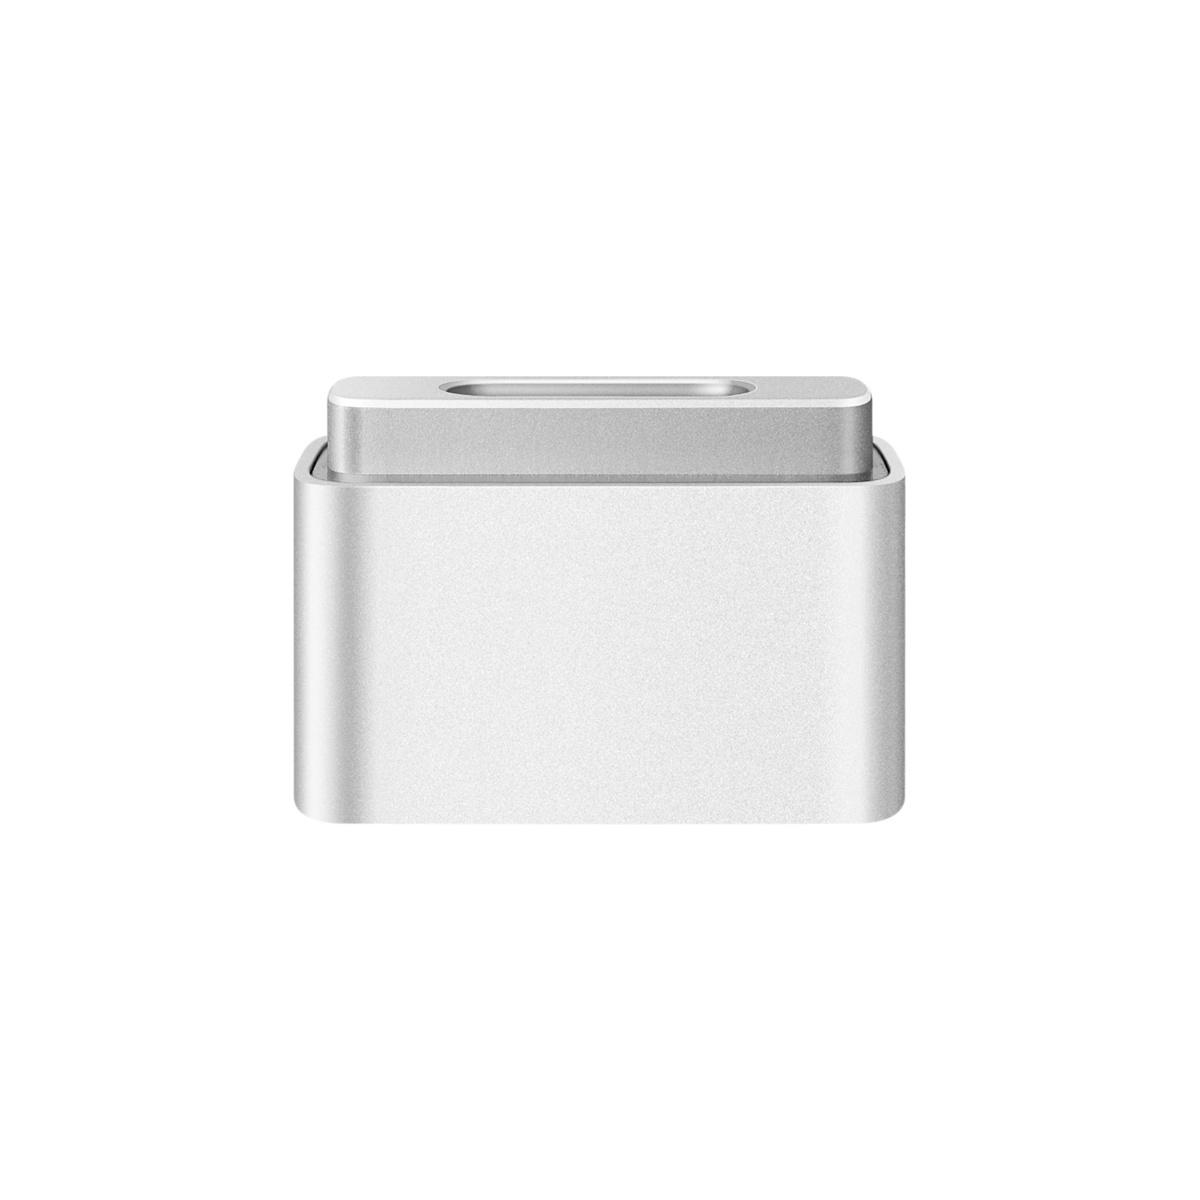 Apple iPhone 6s, plus - Tuotetiedot